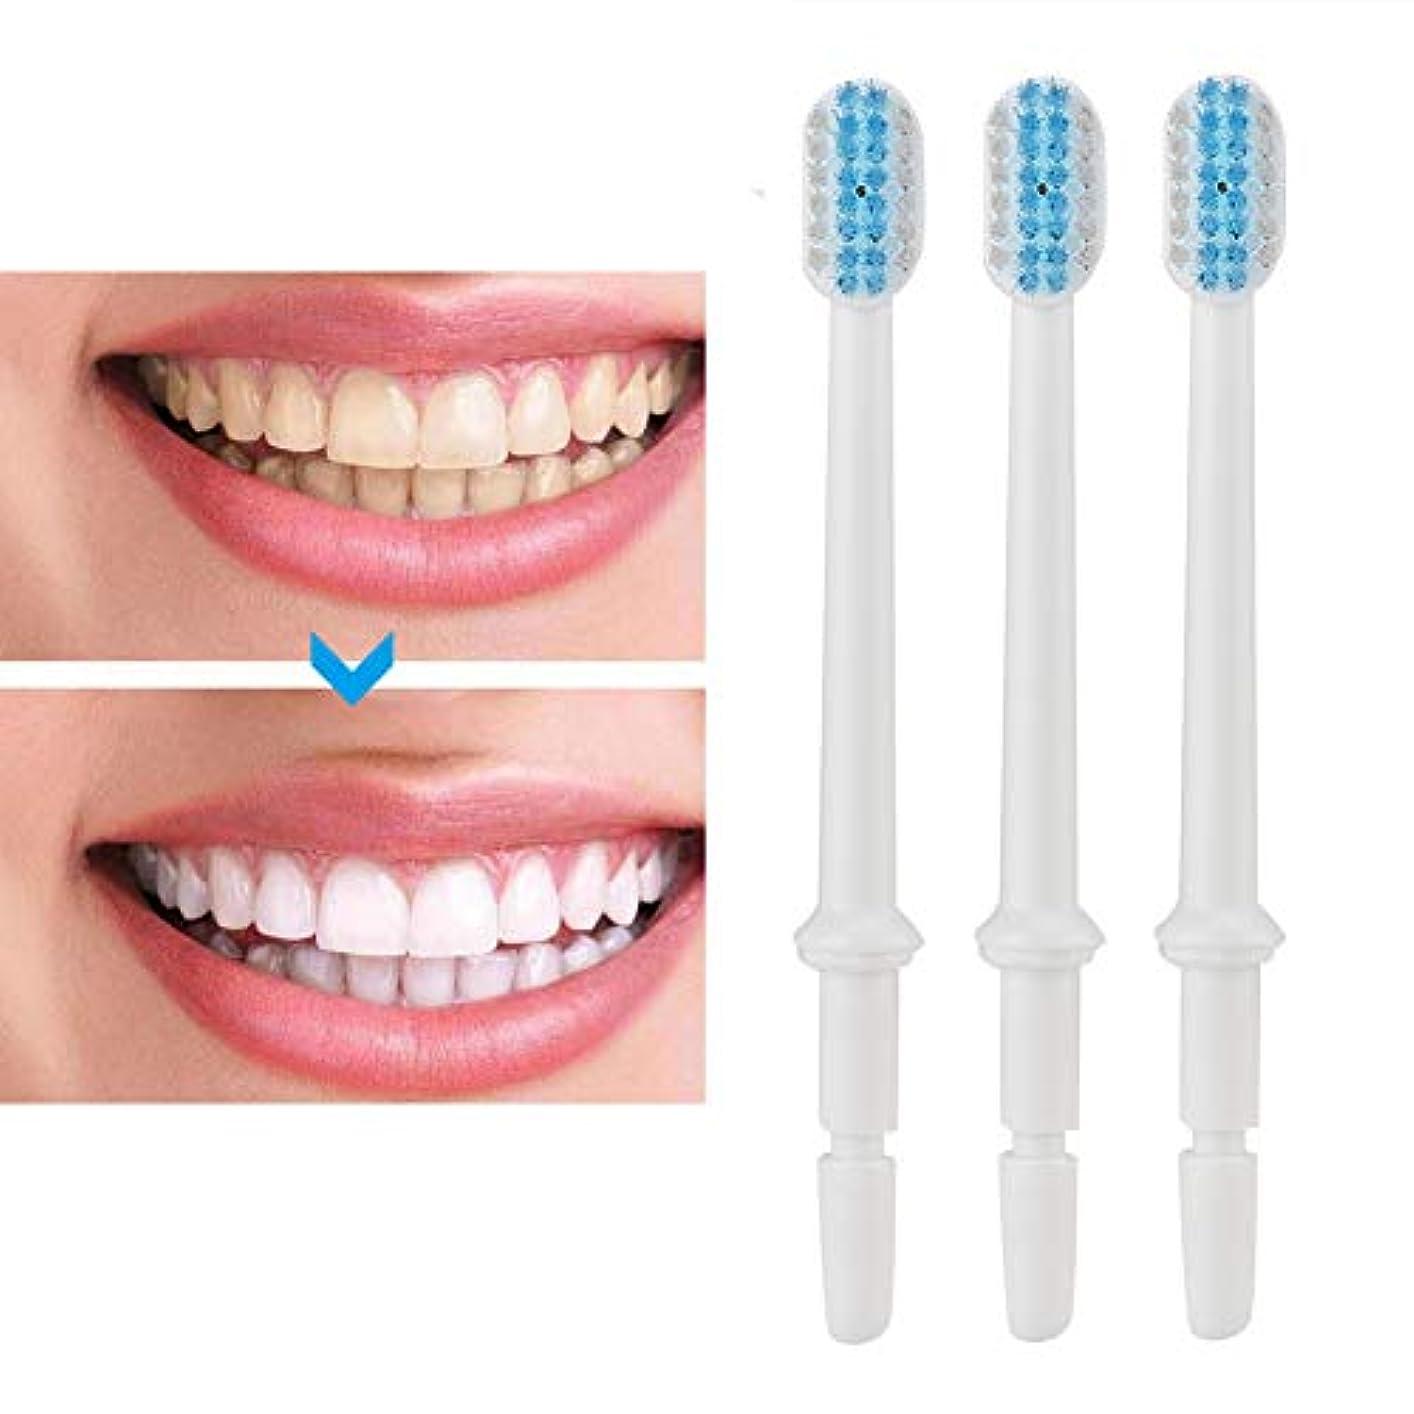 み不正発見する3本/セット歯ブラシノズルフロス歯磨き器フロスノズル交換部品